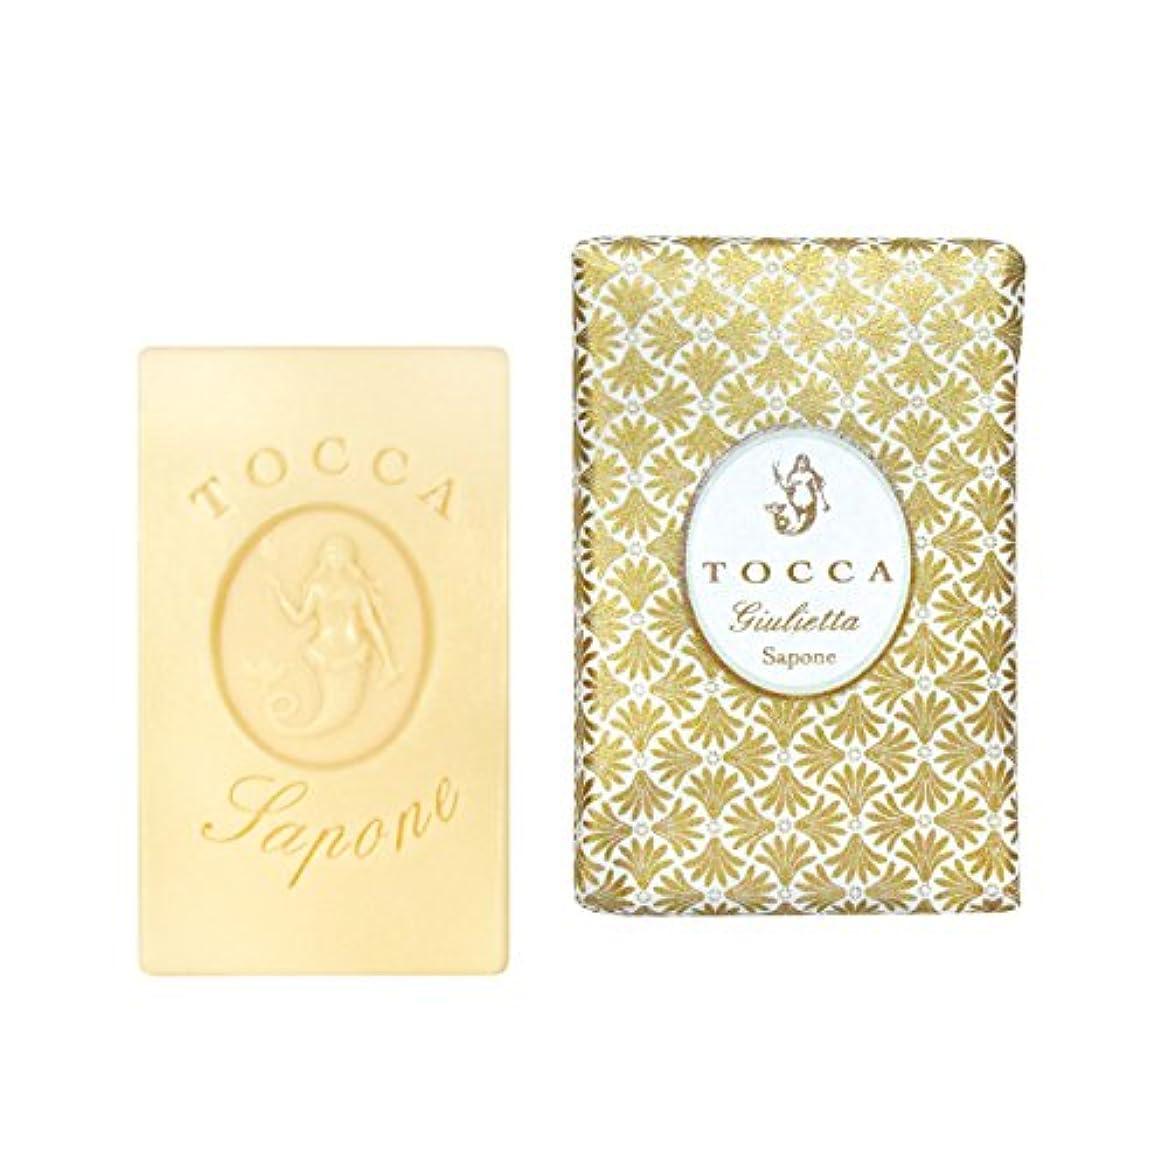 がっかりした未満テクトニックトッカ(TOCCA) ソープバー ジュリエッタの香り 113g(化粧石けん ピンクチューリップとグリーンアップルの爽やかで甘い香り)